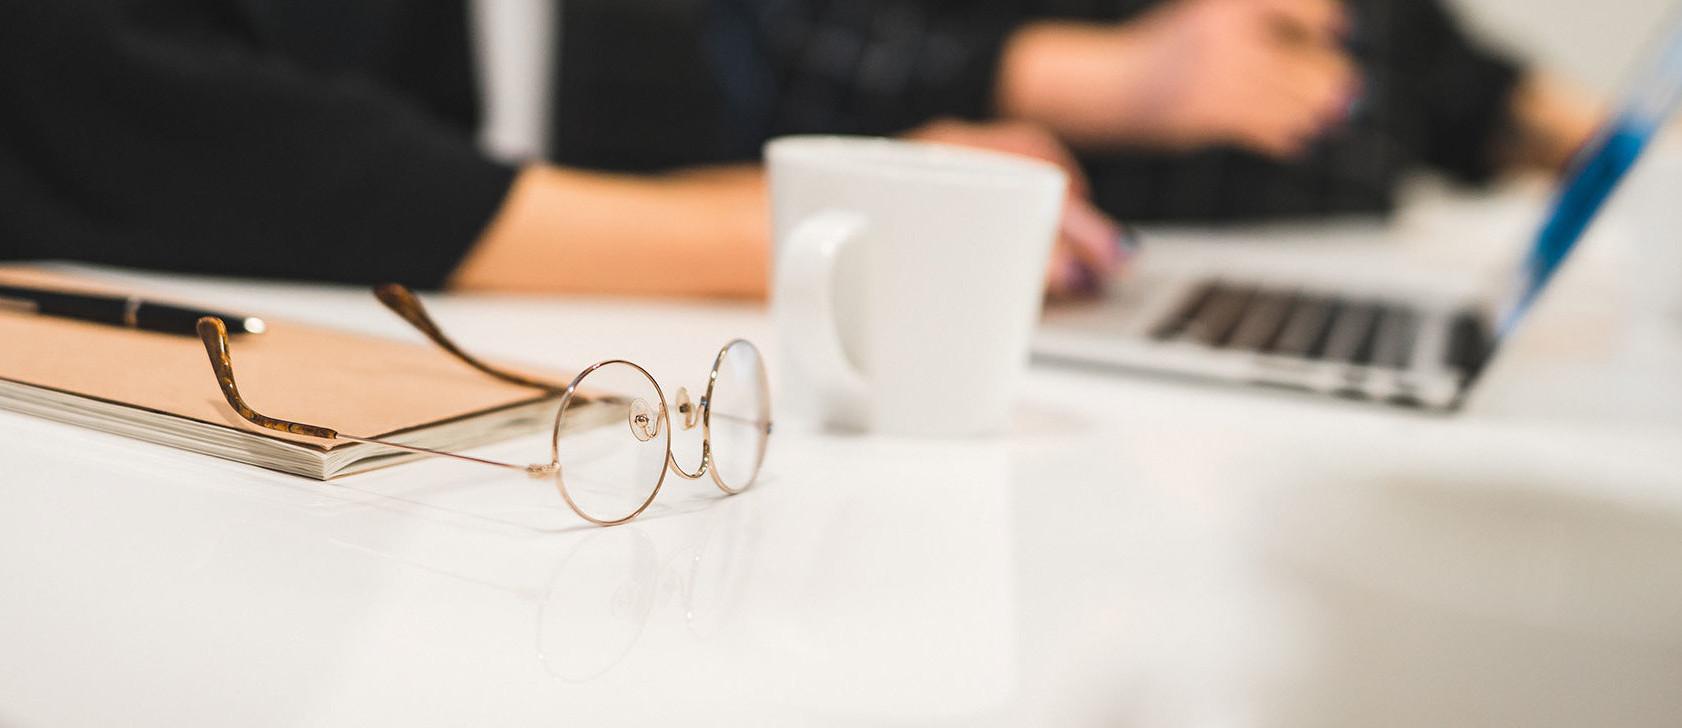 Ett par runda glasögon ligger på ett bord. I bakgrunden arbetar två personer på sina datorer.